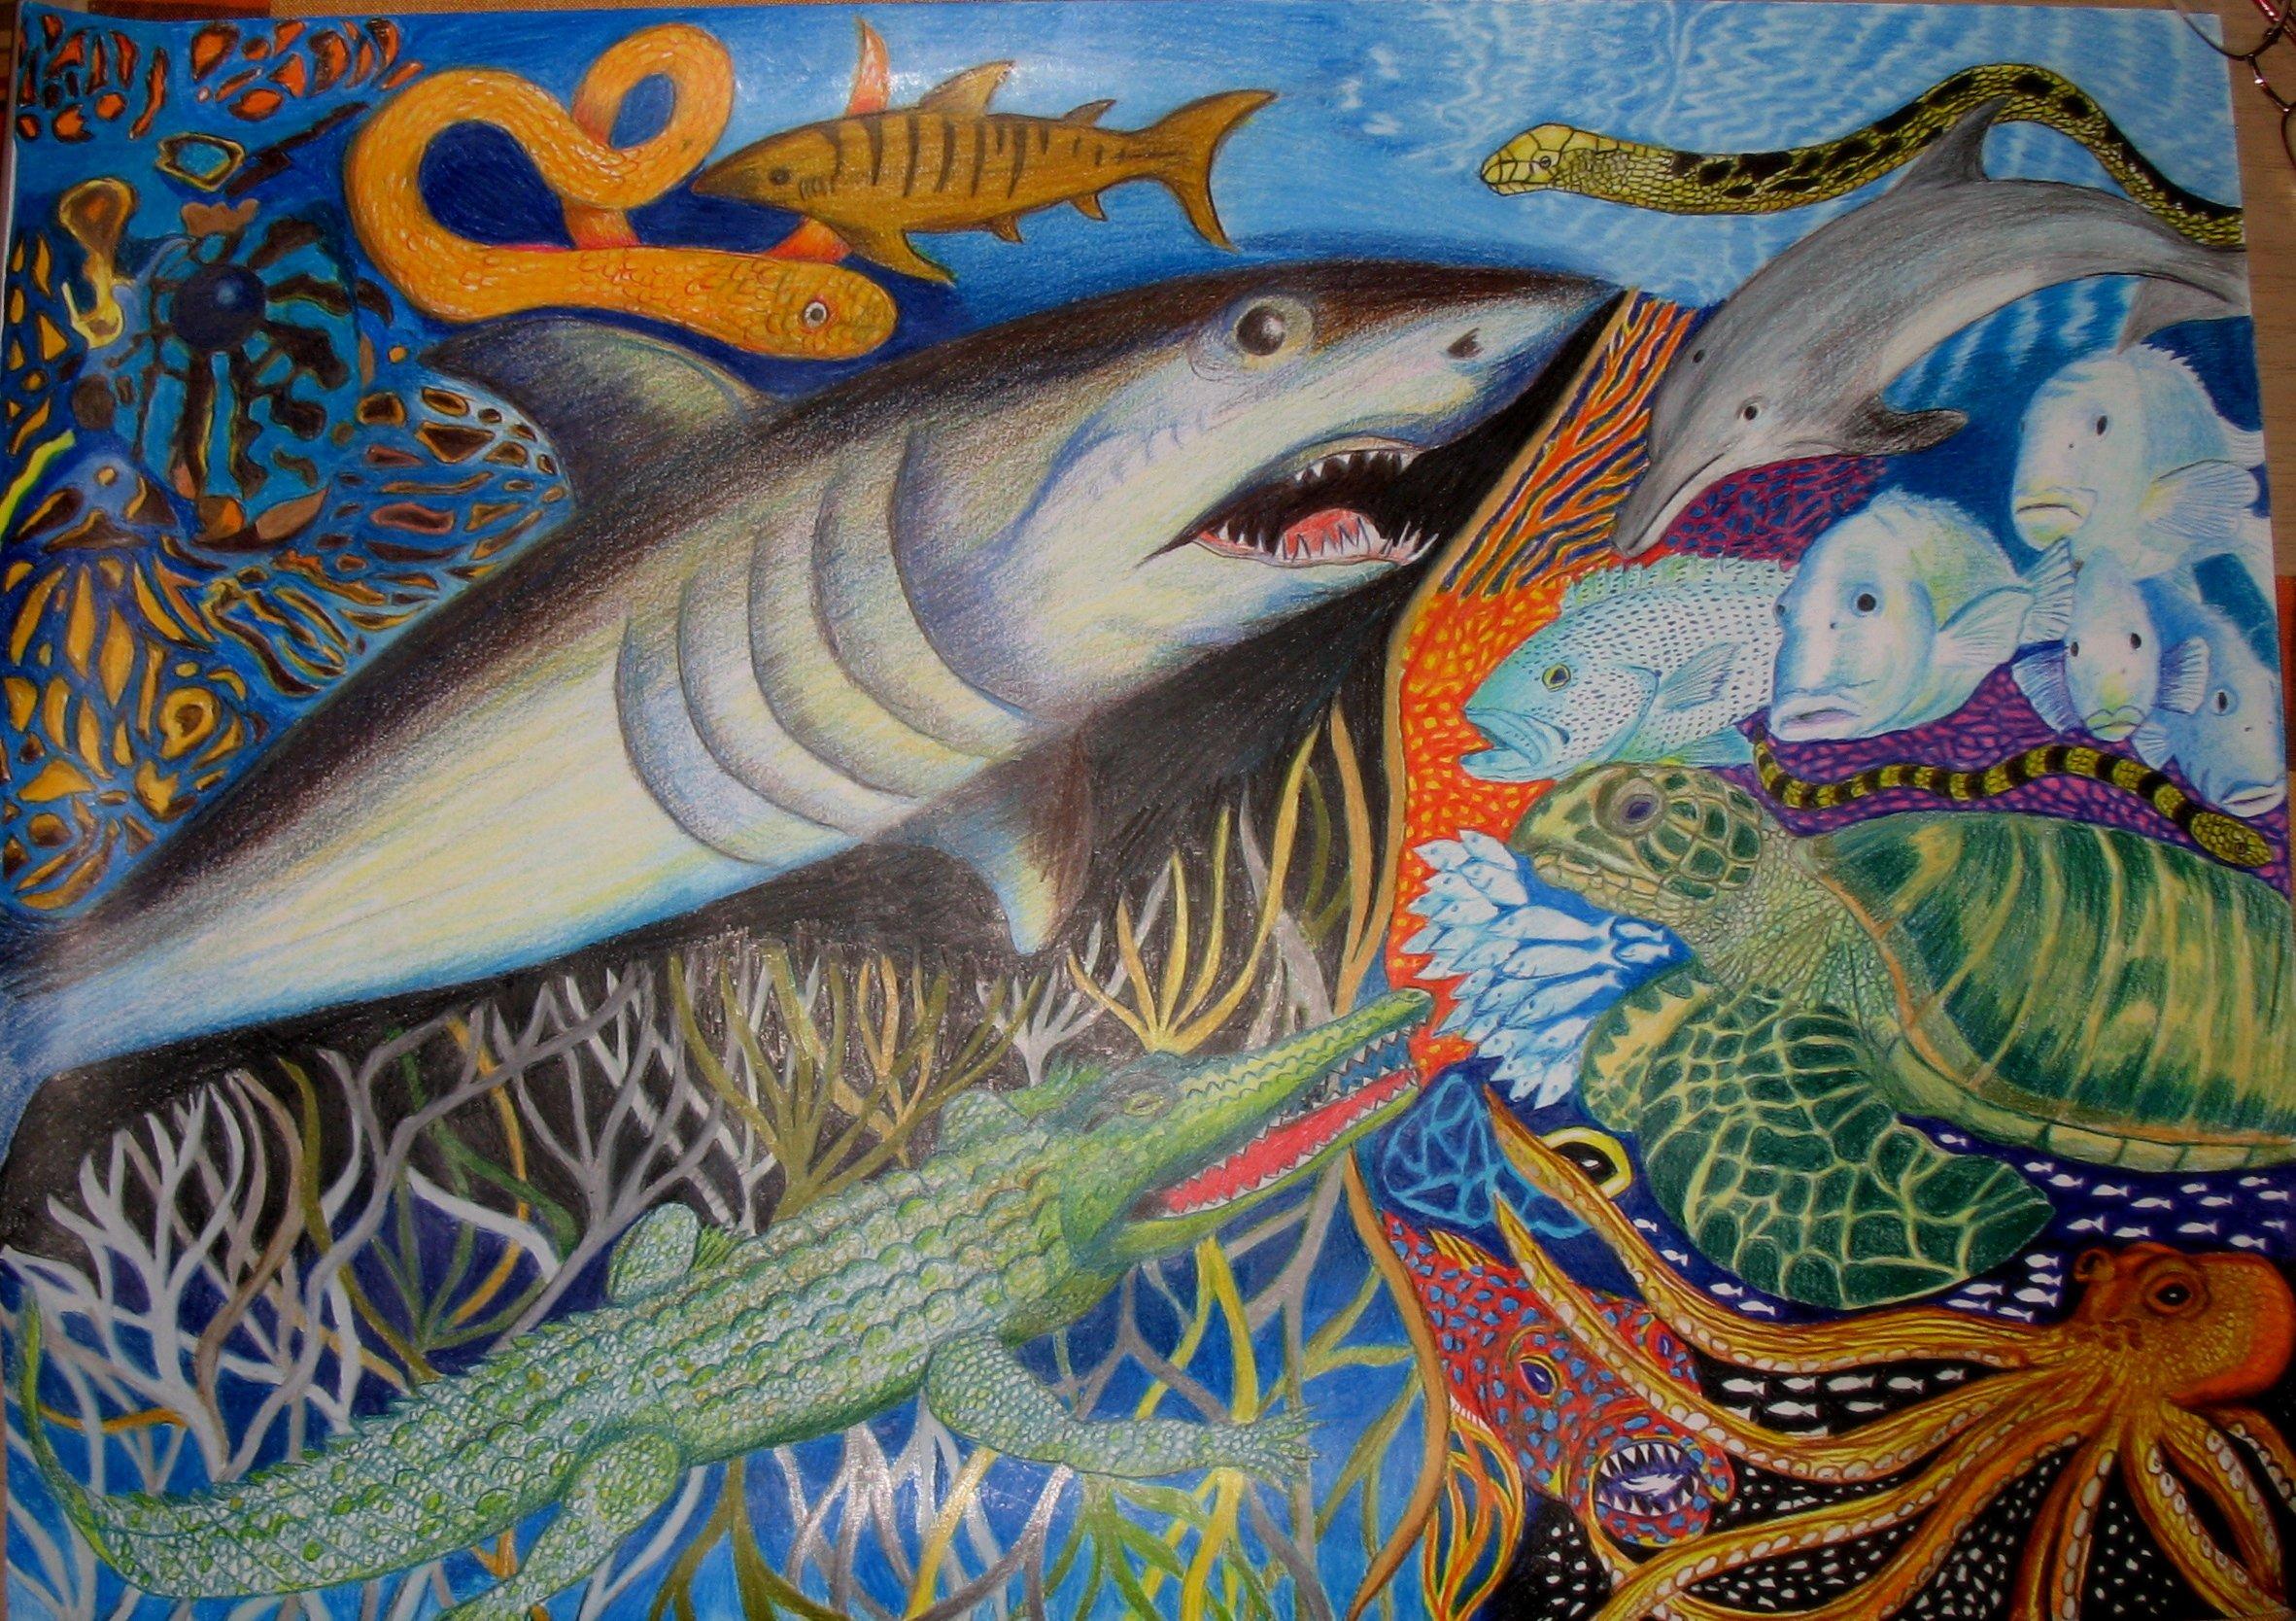 Drawings Of Sea Creatures Fresh Artdoxa Munity for Contemporary Art Rick Hawkins